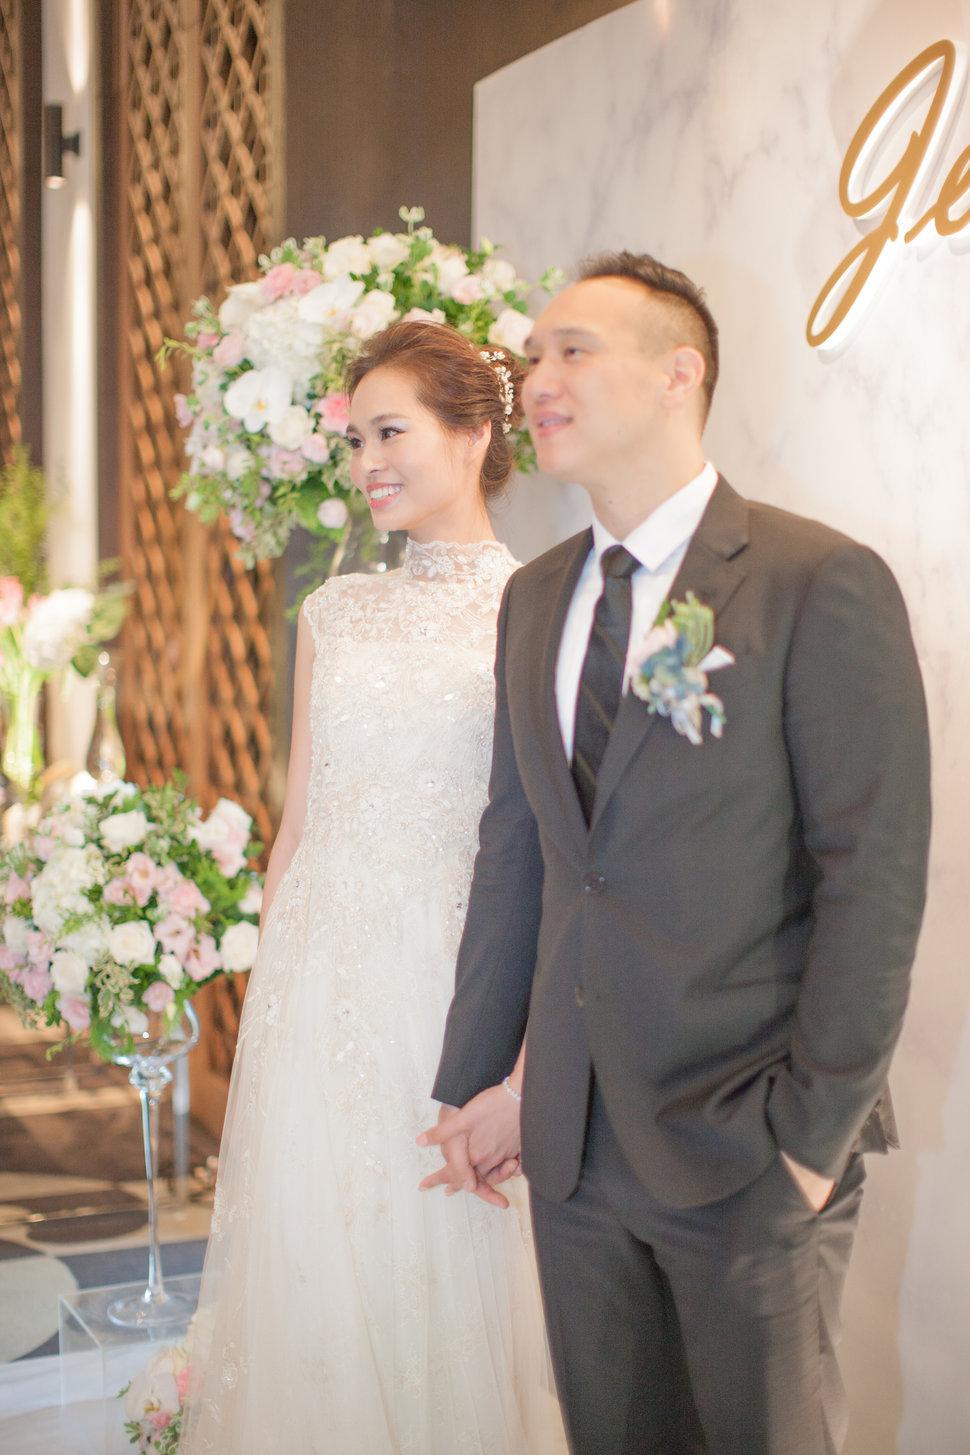 3g8y3653_38210608902_o - Leo影像 - 結婚吧